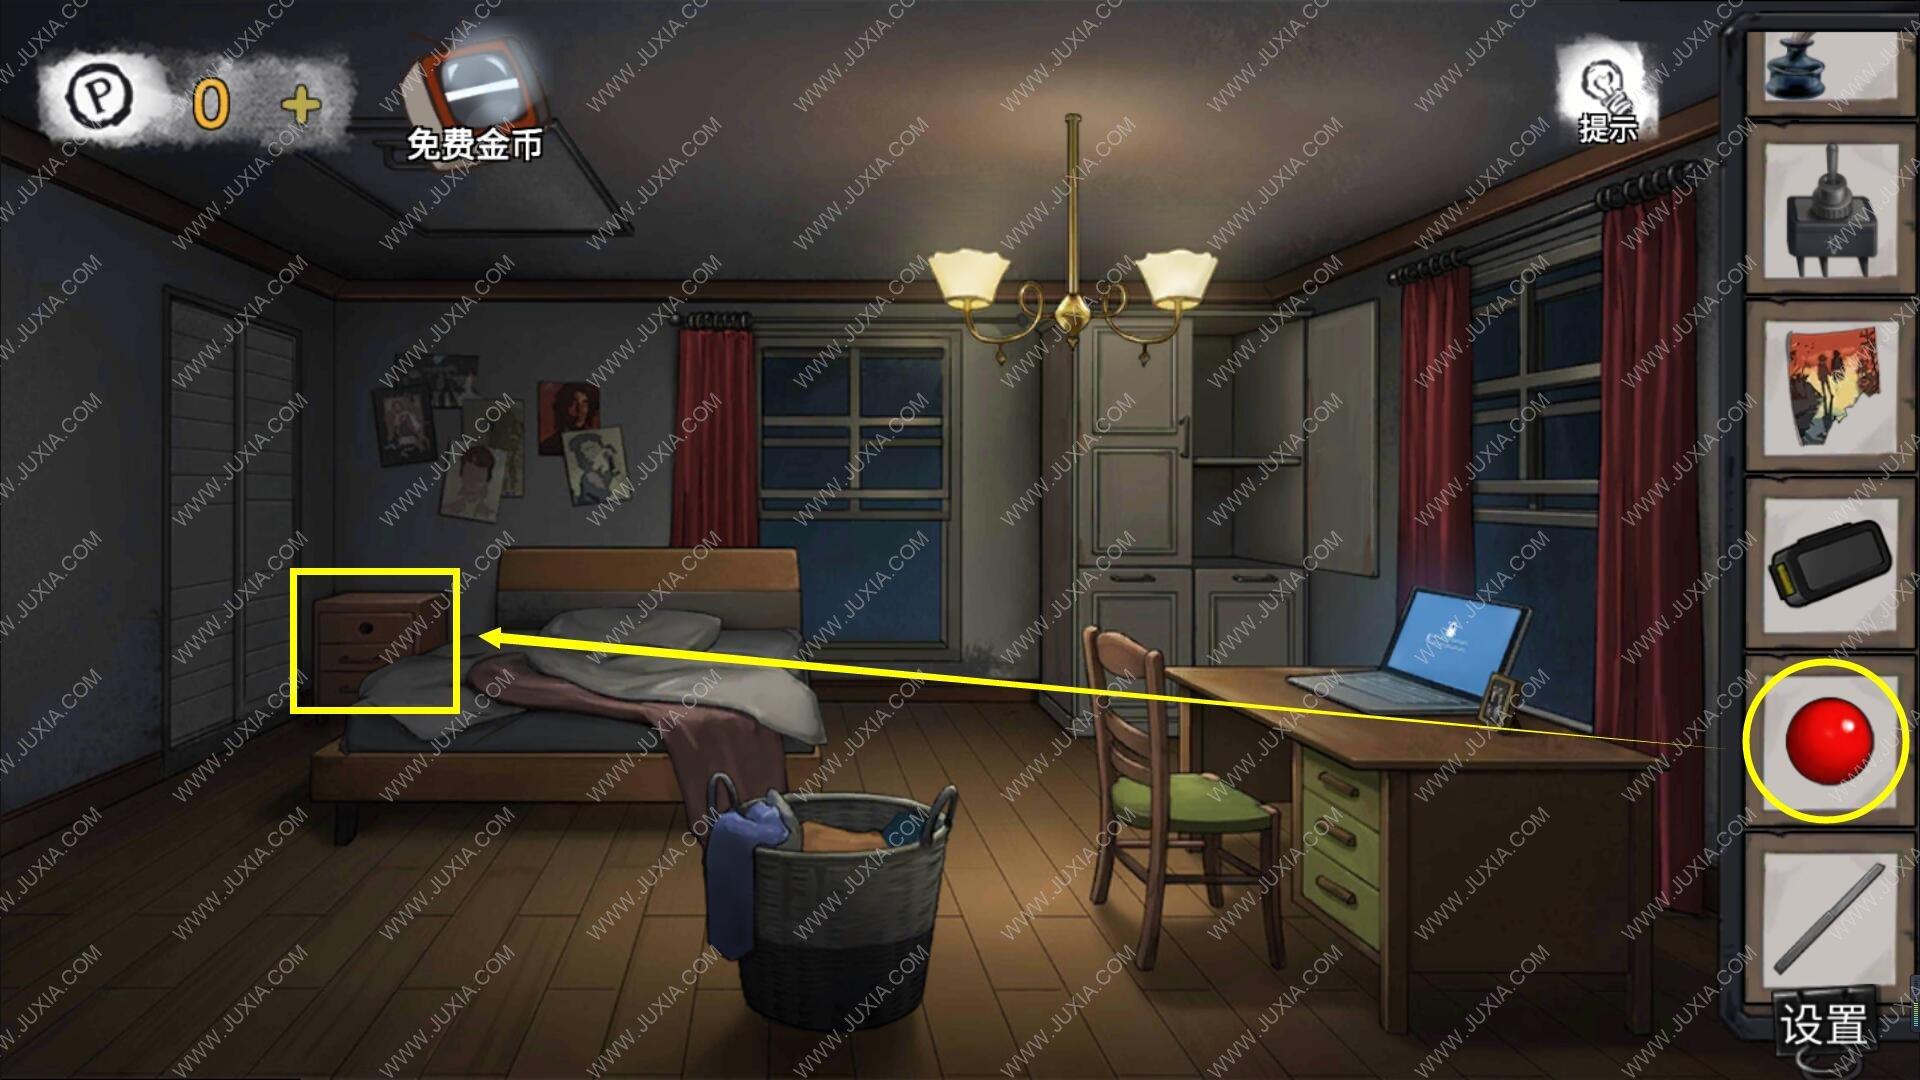 无人医院攻略第6章麦克数独谜题4 保险箱密码是什么